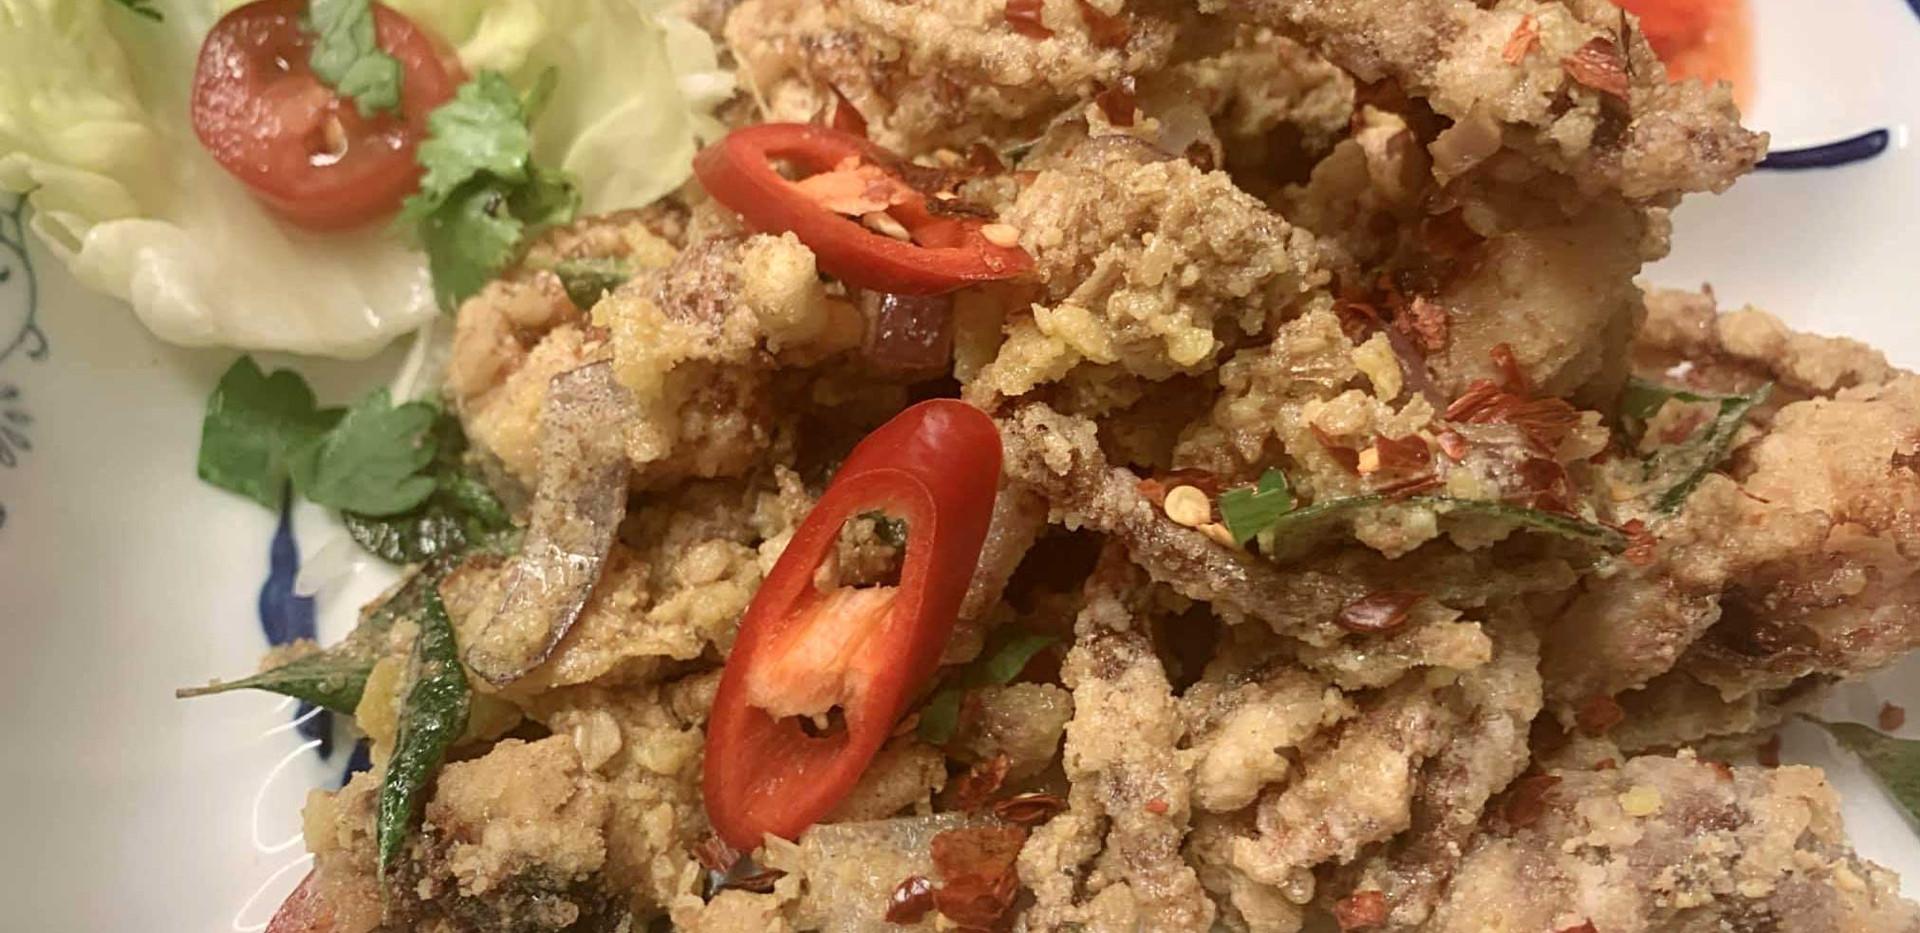 Fragrant-salted-egg-soft-shell-crabs.jpg